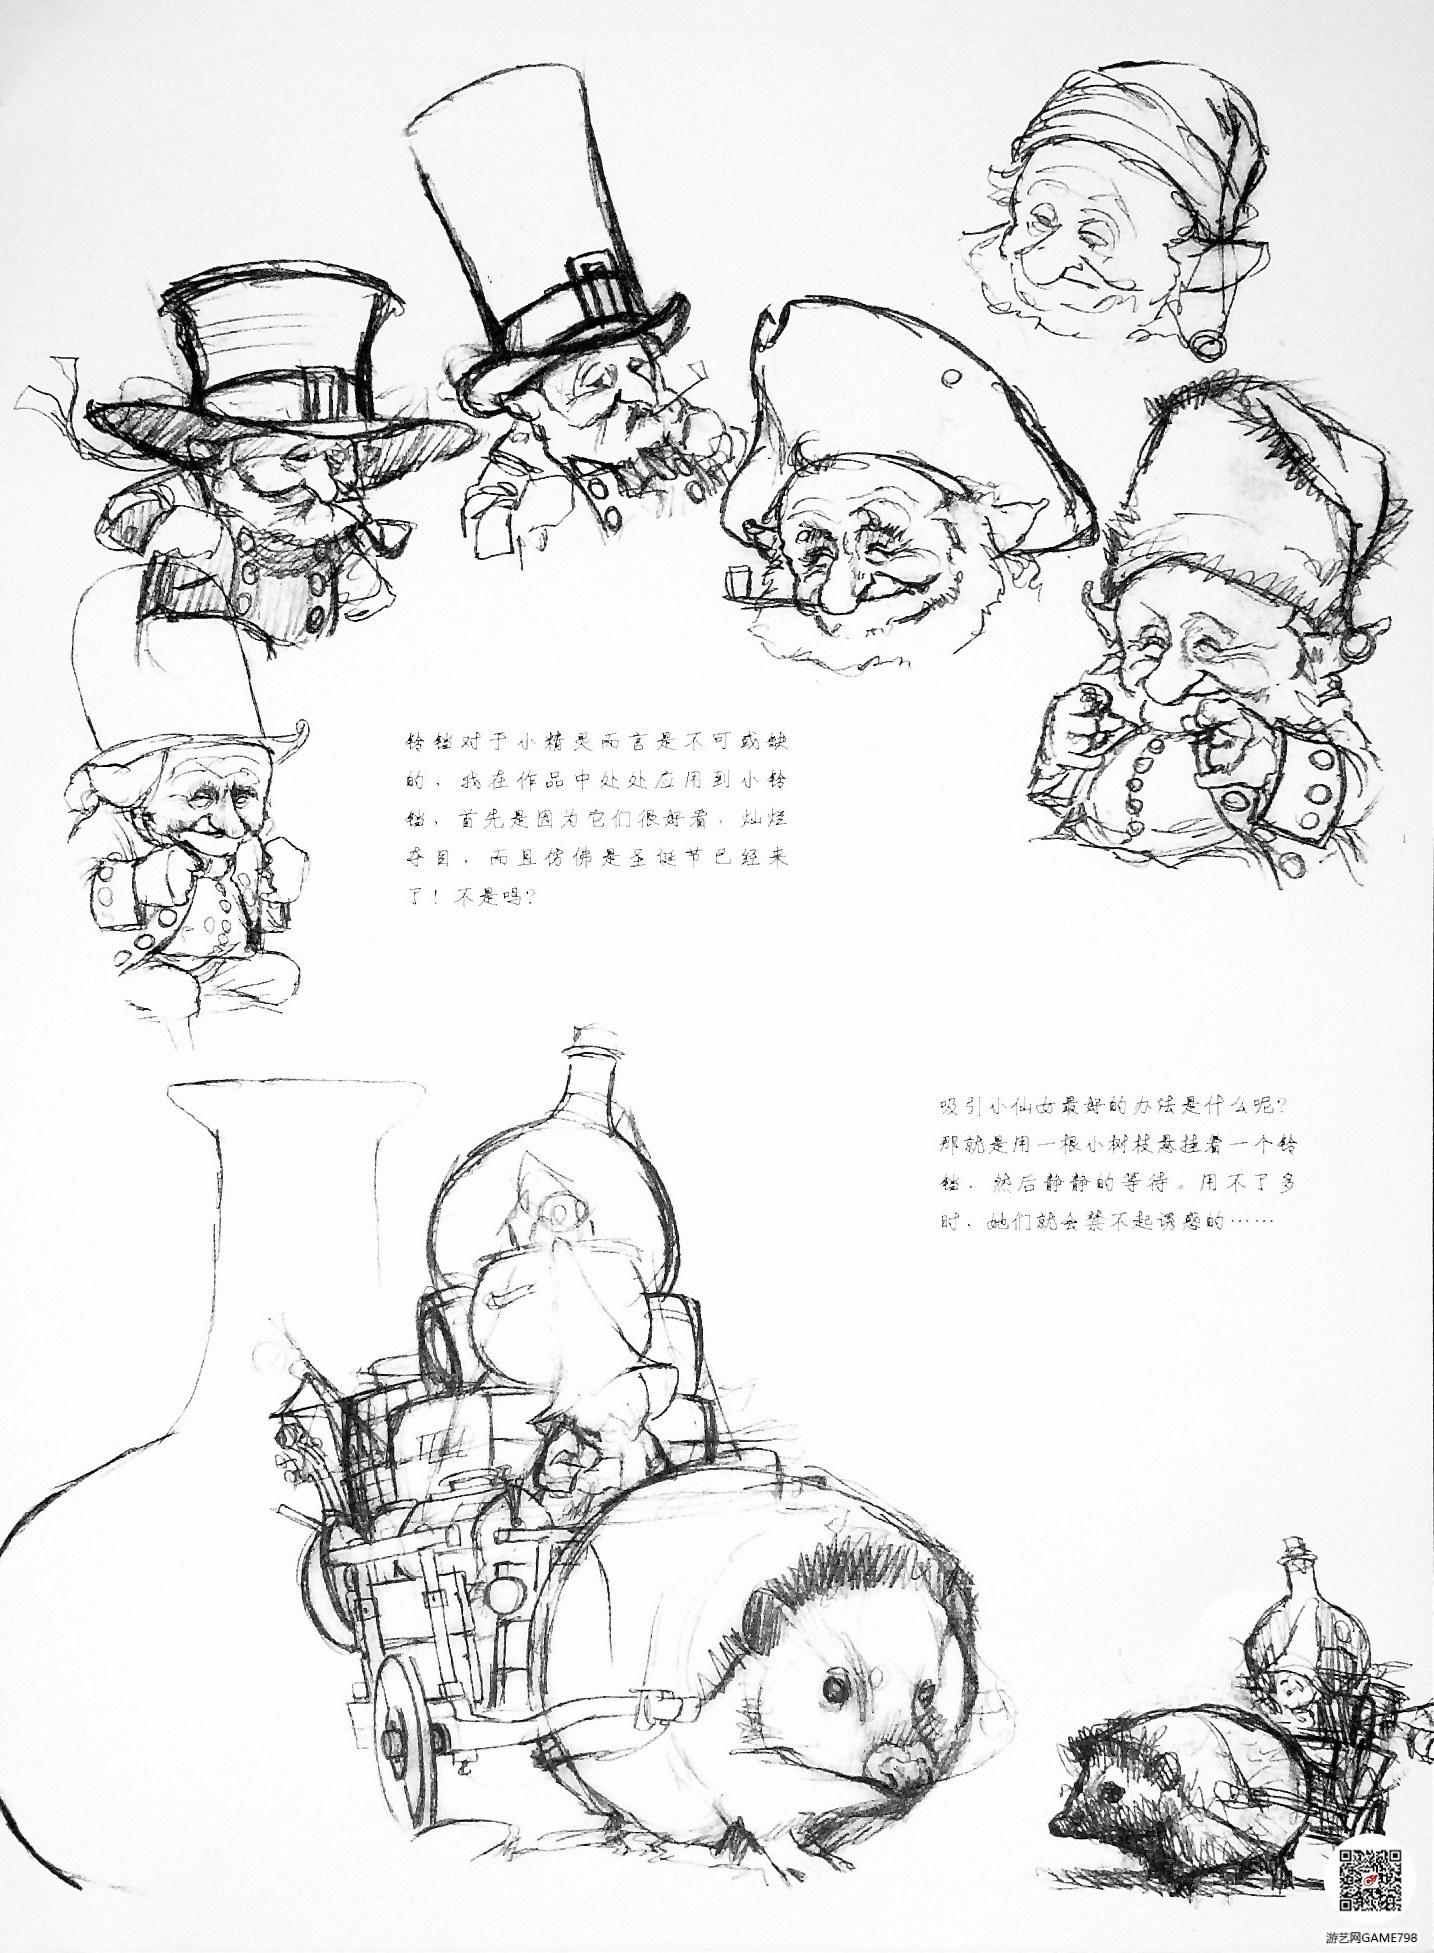 043_关注-游艺网GAME798.jpg